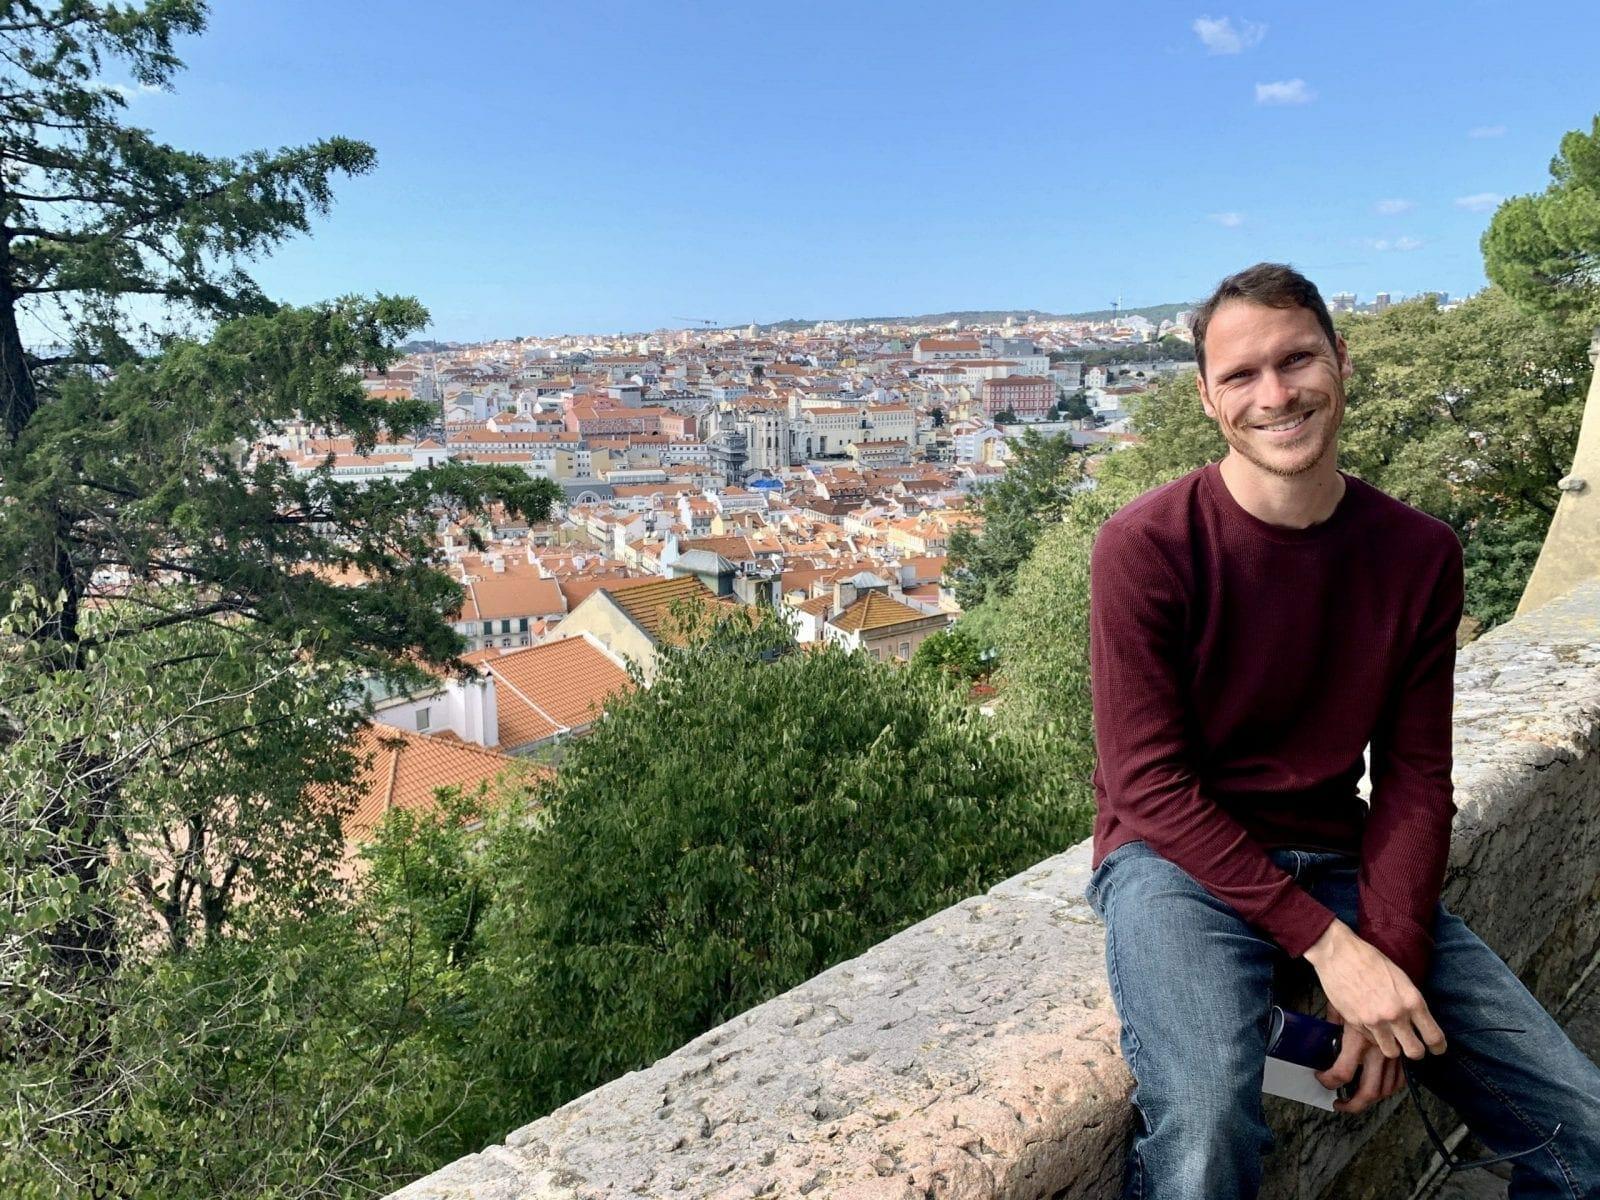 Ryan in Lisbon